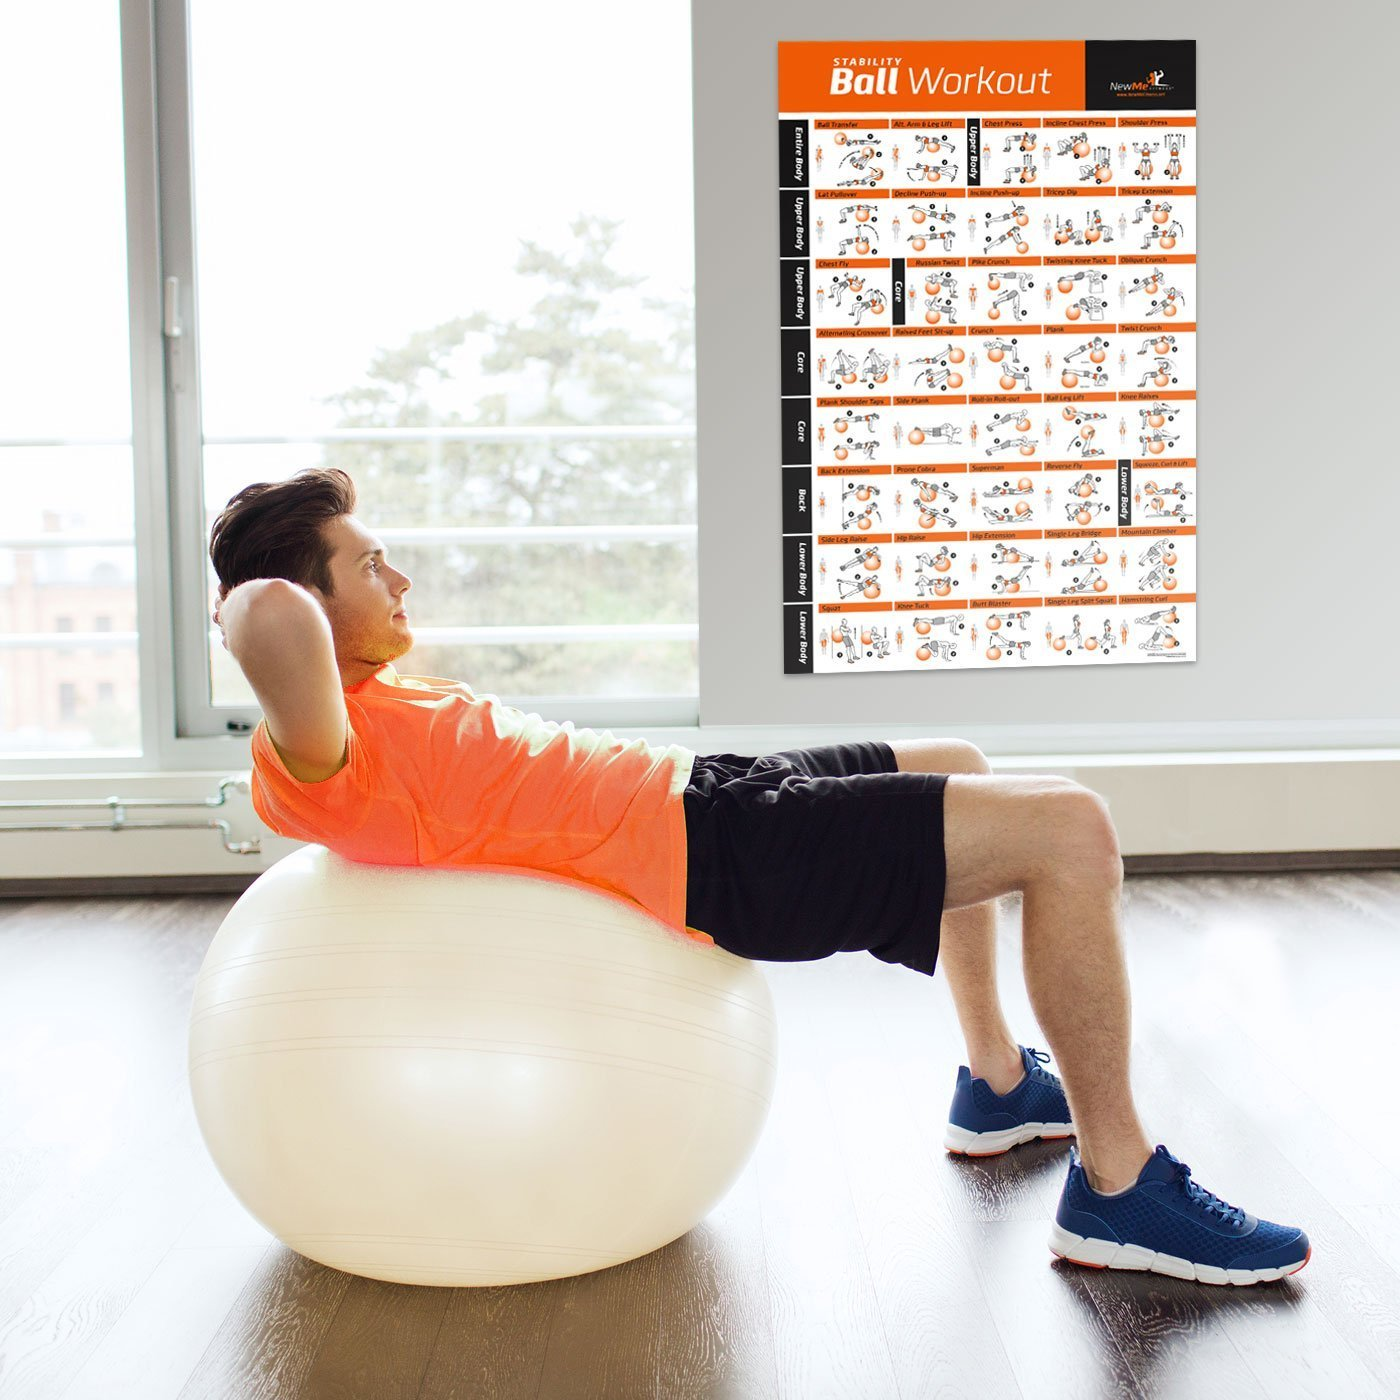 Bola del ejercicio Poster - entrenamiento de cuerpo entero - Swiss, Yoga, equilibrio y estabilidad pelota gimnasio en casa cartel - programa para tu ...